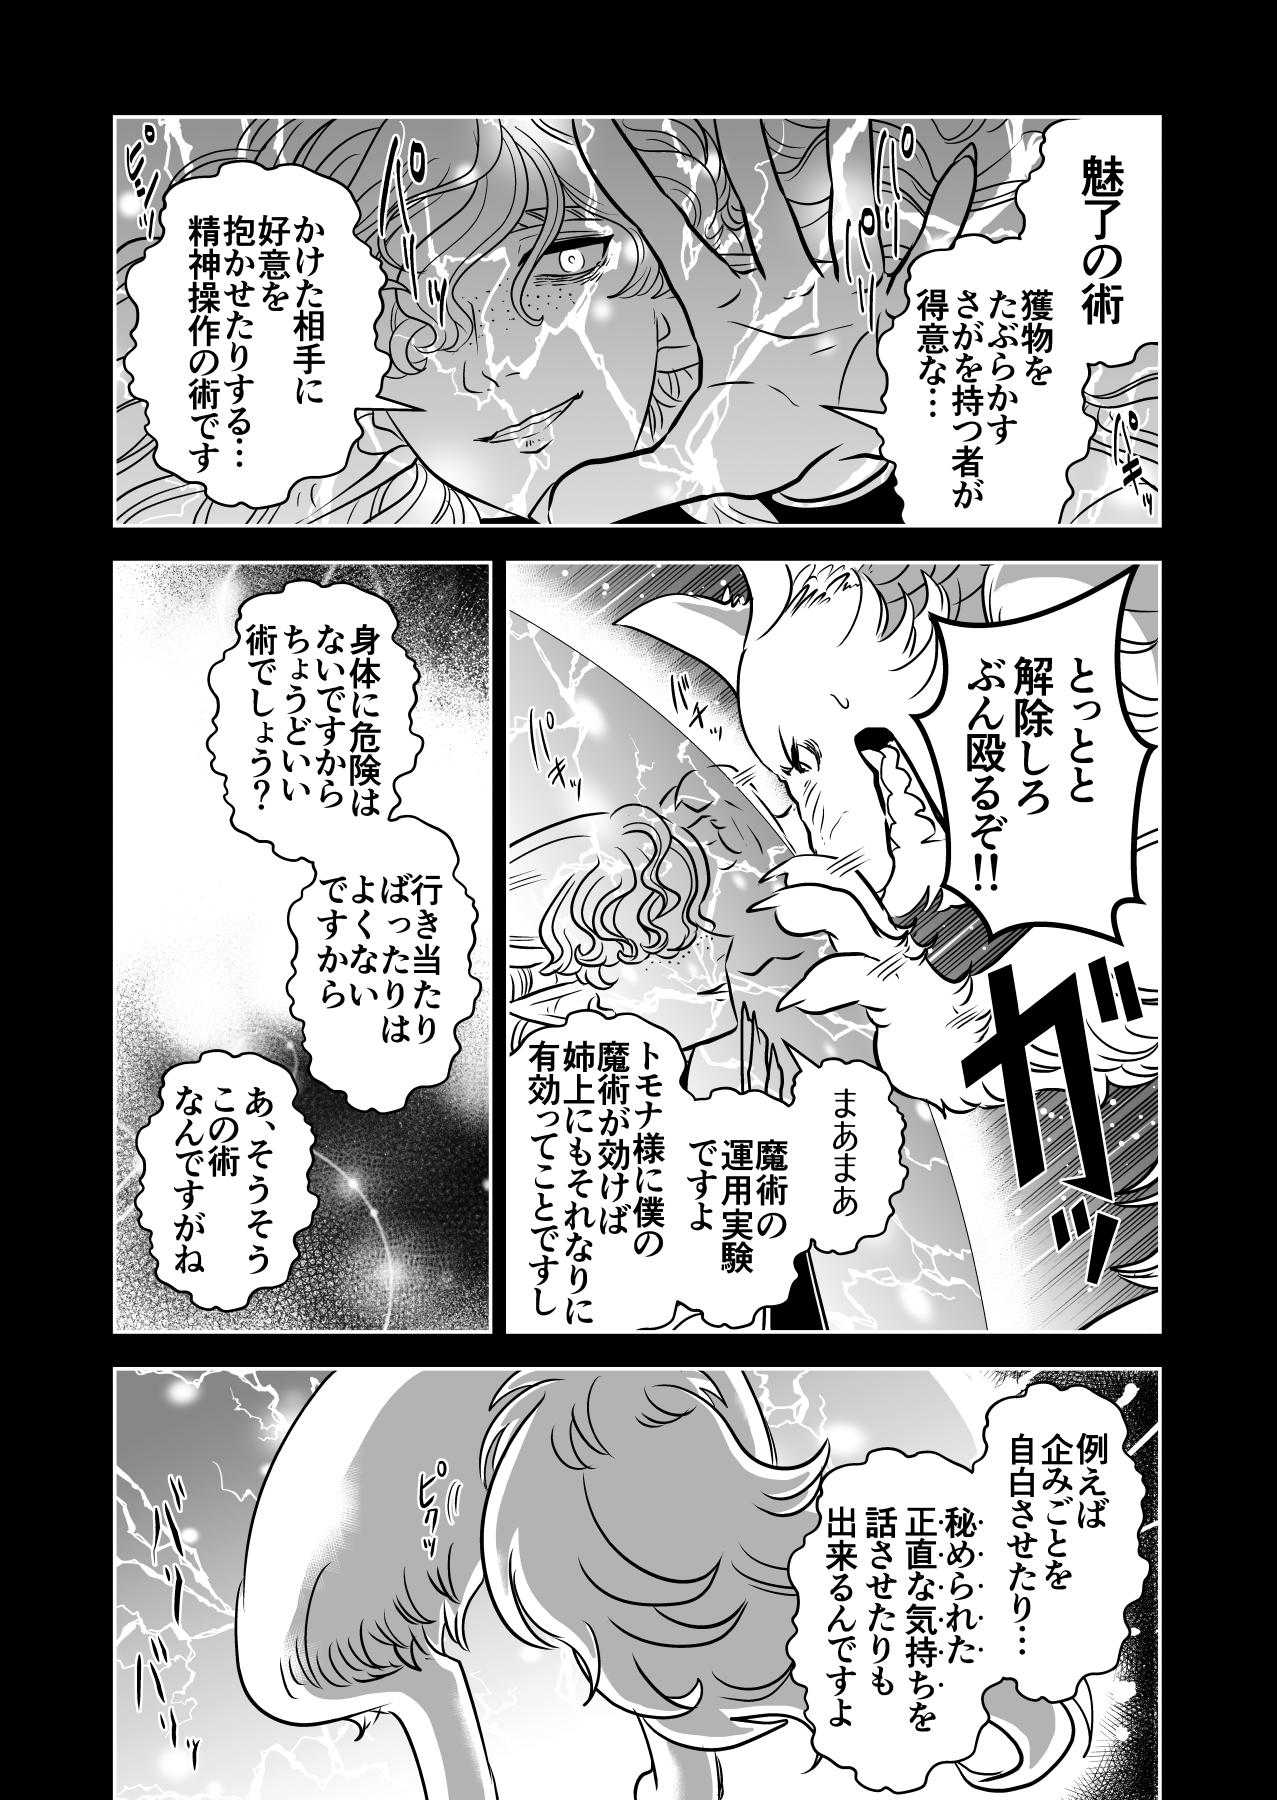 テンプレート_014